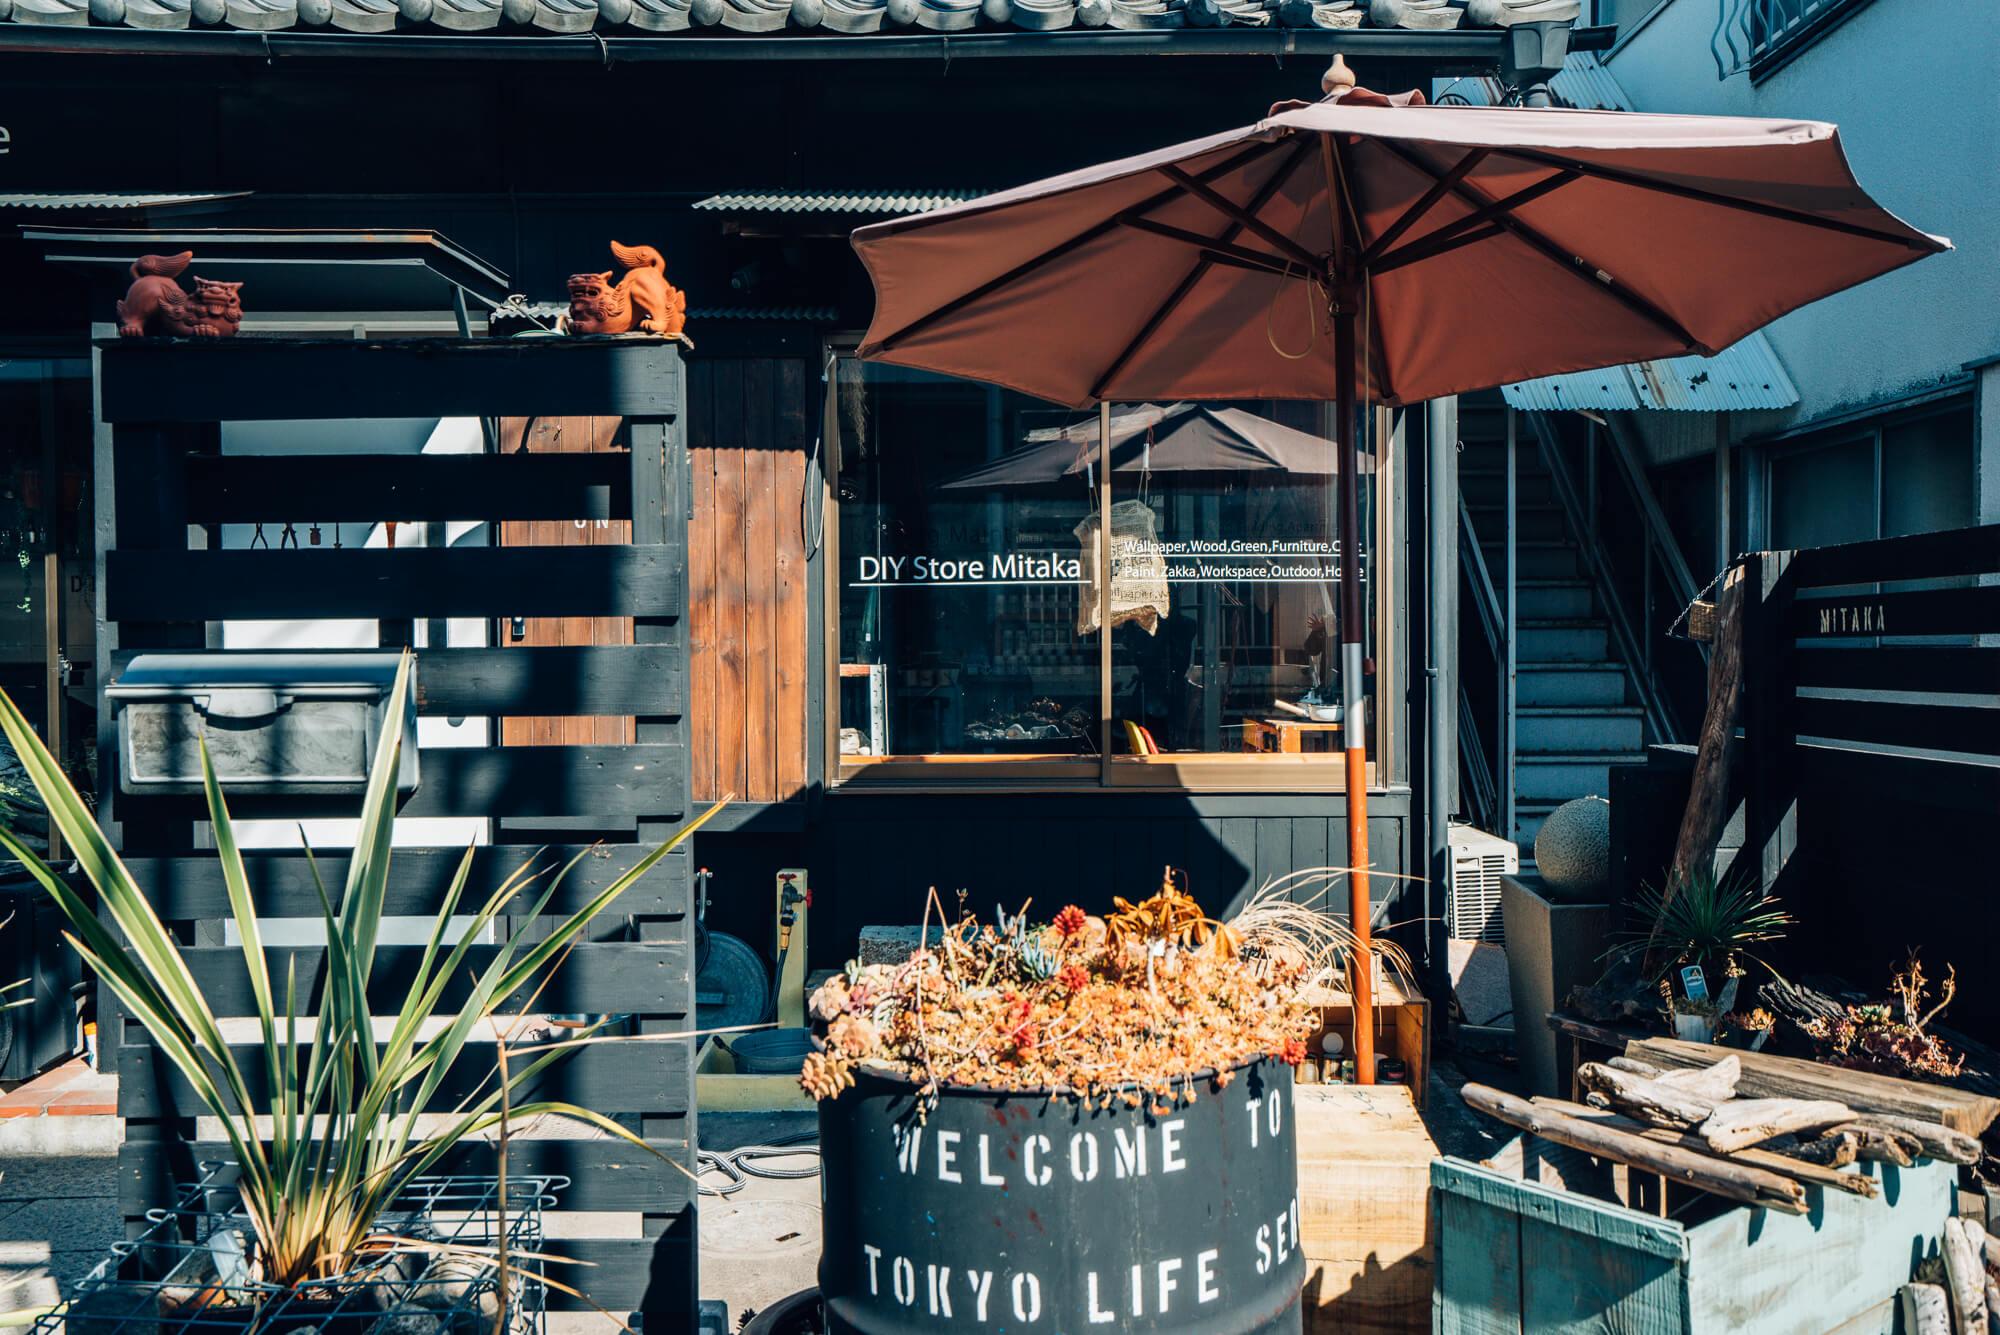 ショップ自体も、空間工房による古民家リノベ。店頭にはガーデン作りのヒントになりそうな植物のディスプレイがいっぱい。